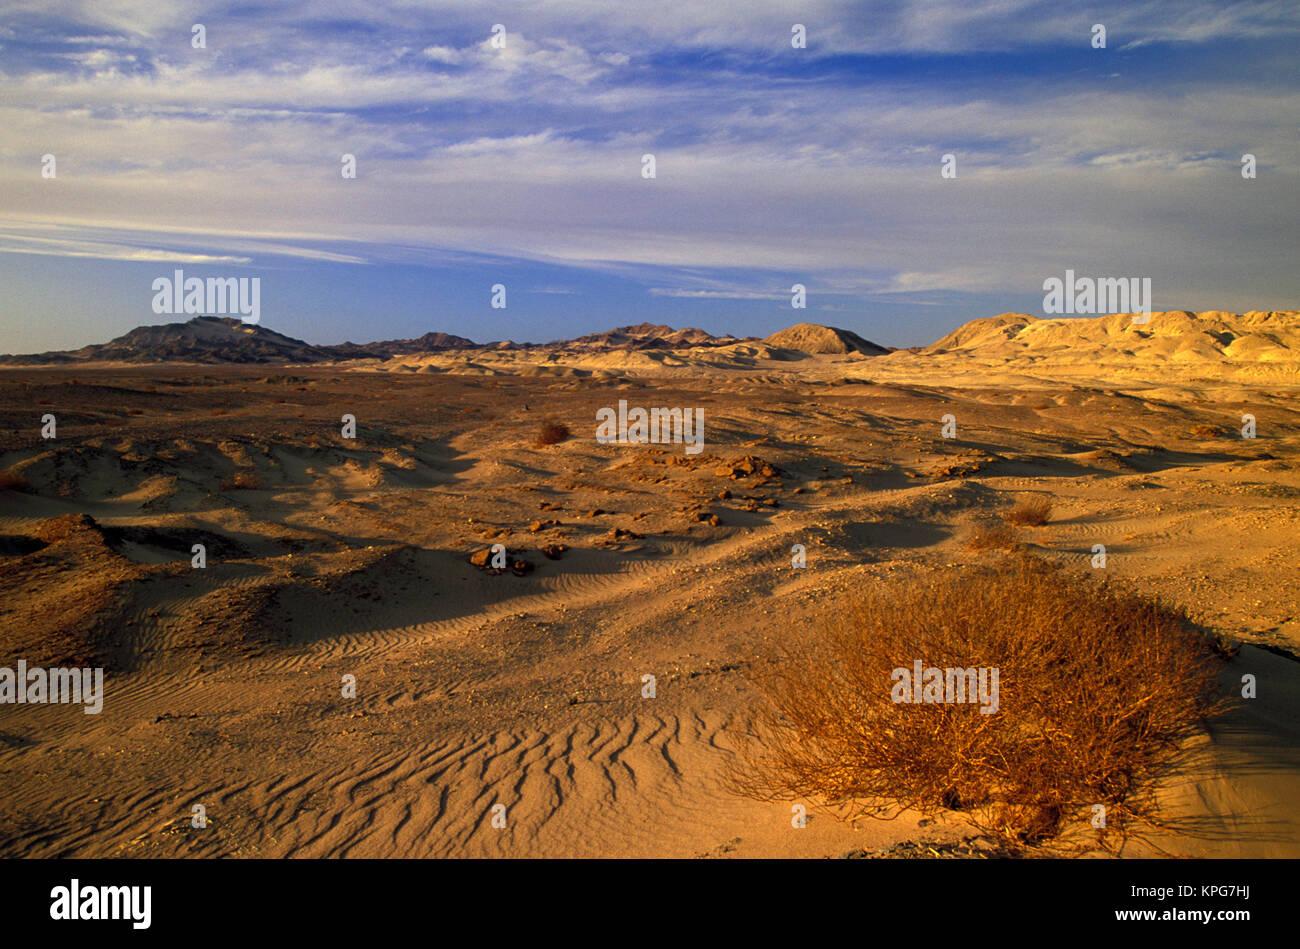 L'Afrique, l'Egypte, le Sinaï. Charm el-Cheikh, les dunes au coucher du soleil Banque D'Images